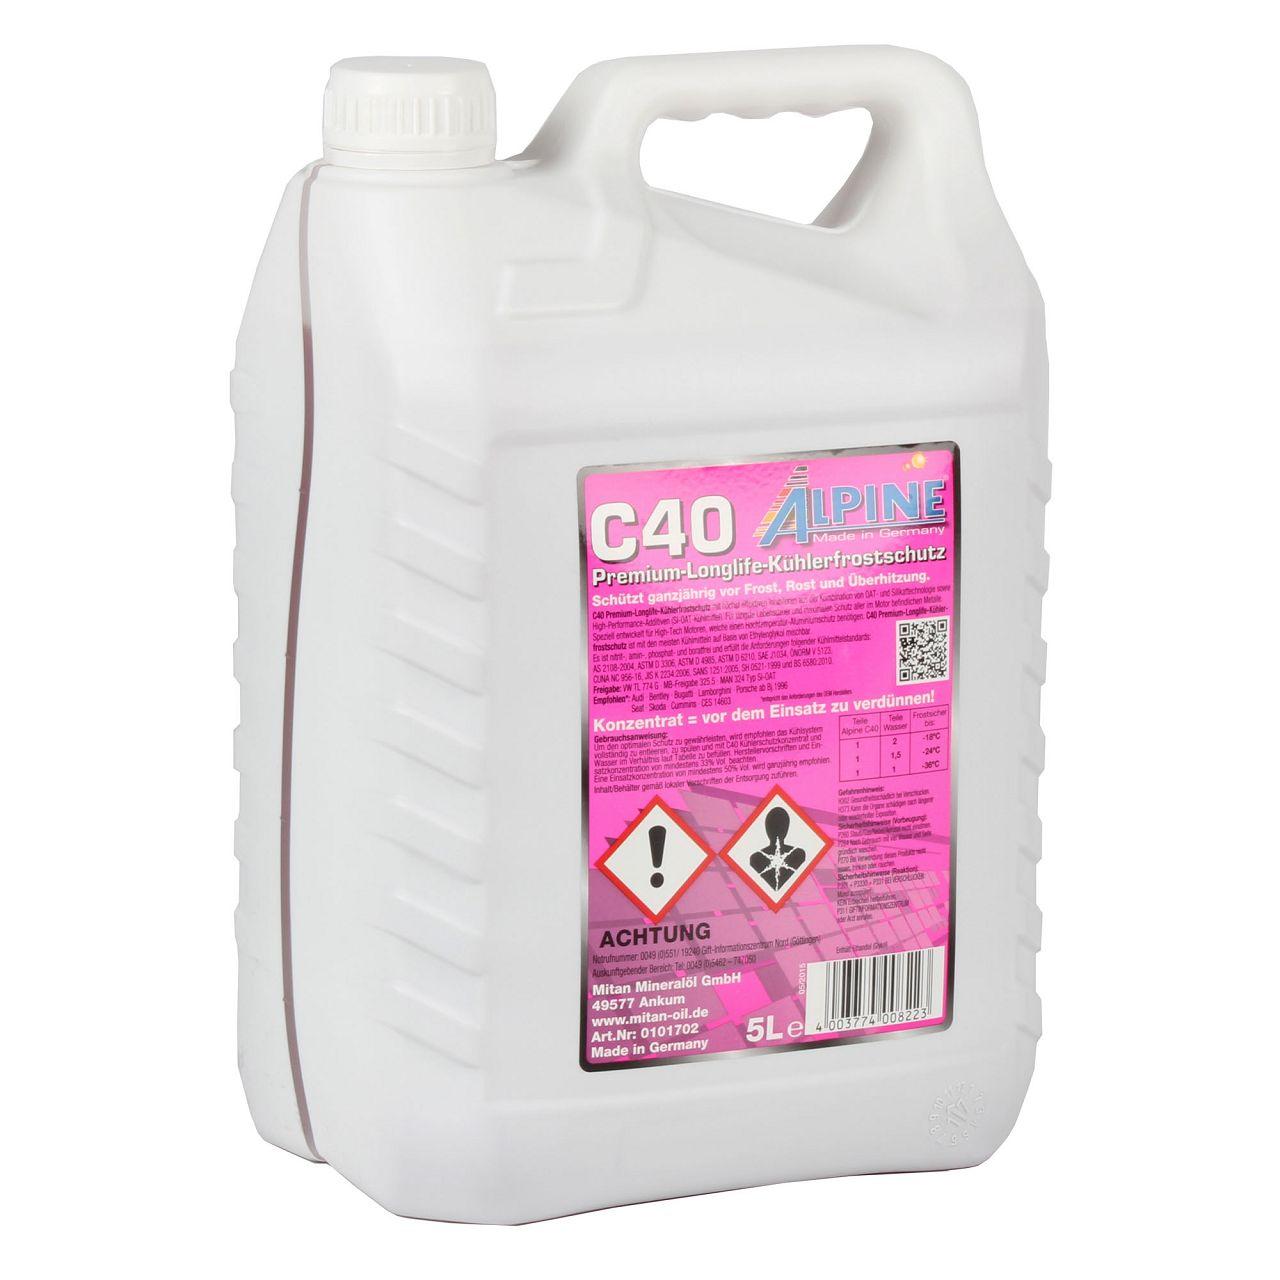 ALPINE Frostschutz Kühler Kühlerfrostschutz Konzentrat 5L C40 G40